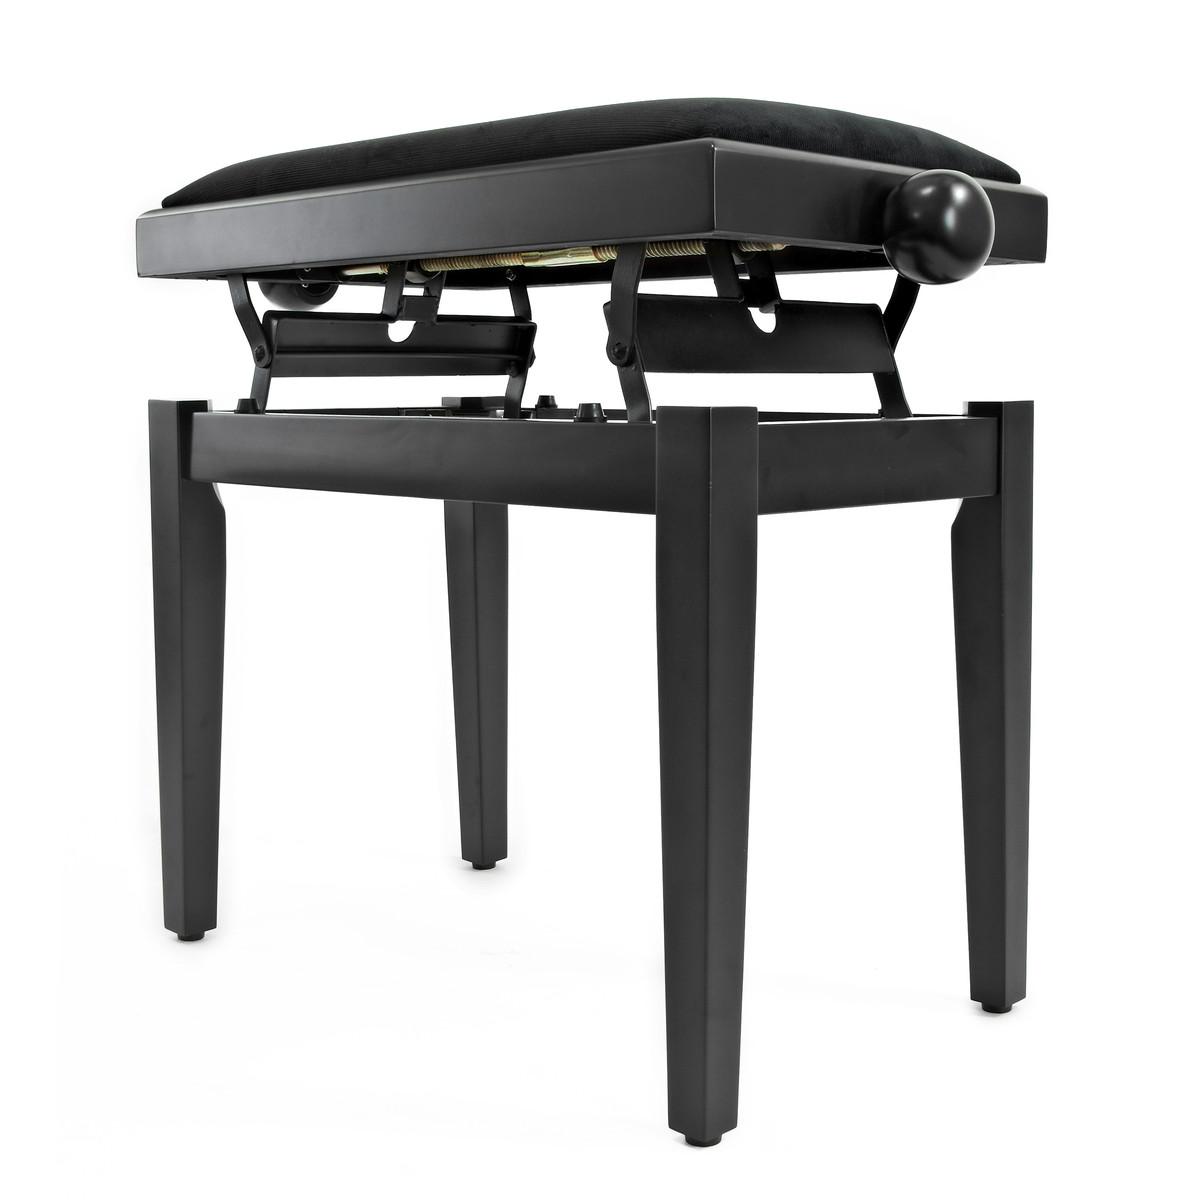 tabouret de piano r glable par gear4music noir mat comme neuf gear4music. Black Bedroom Furniture Sets. Home Design Ideas